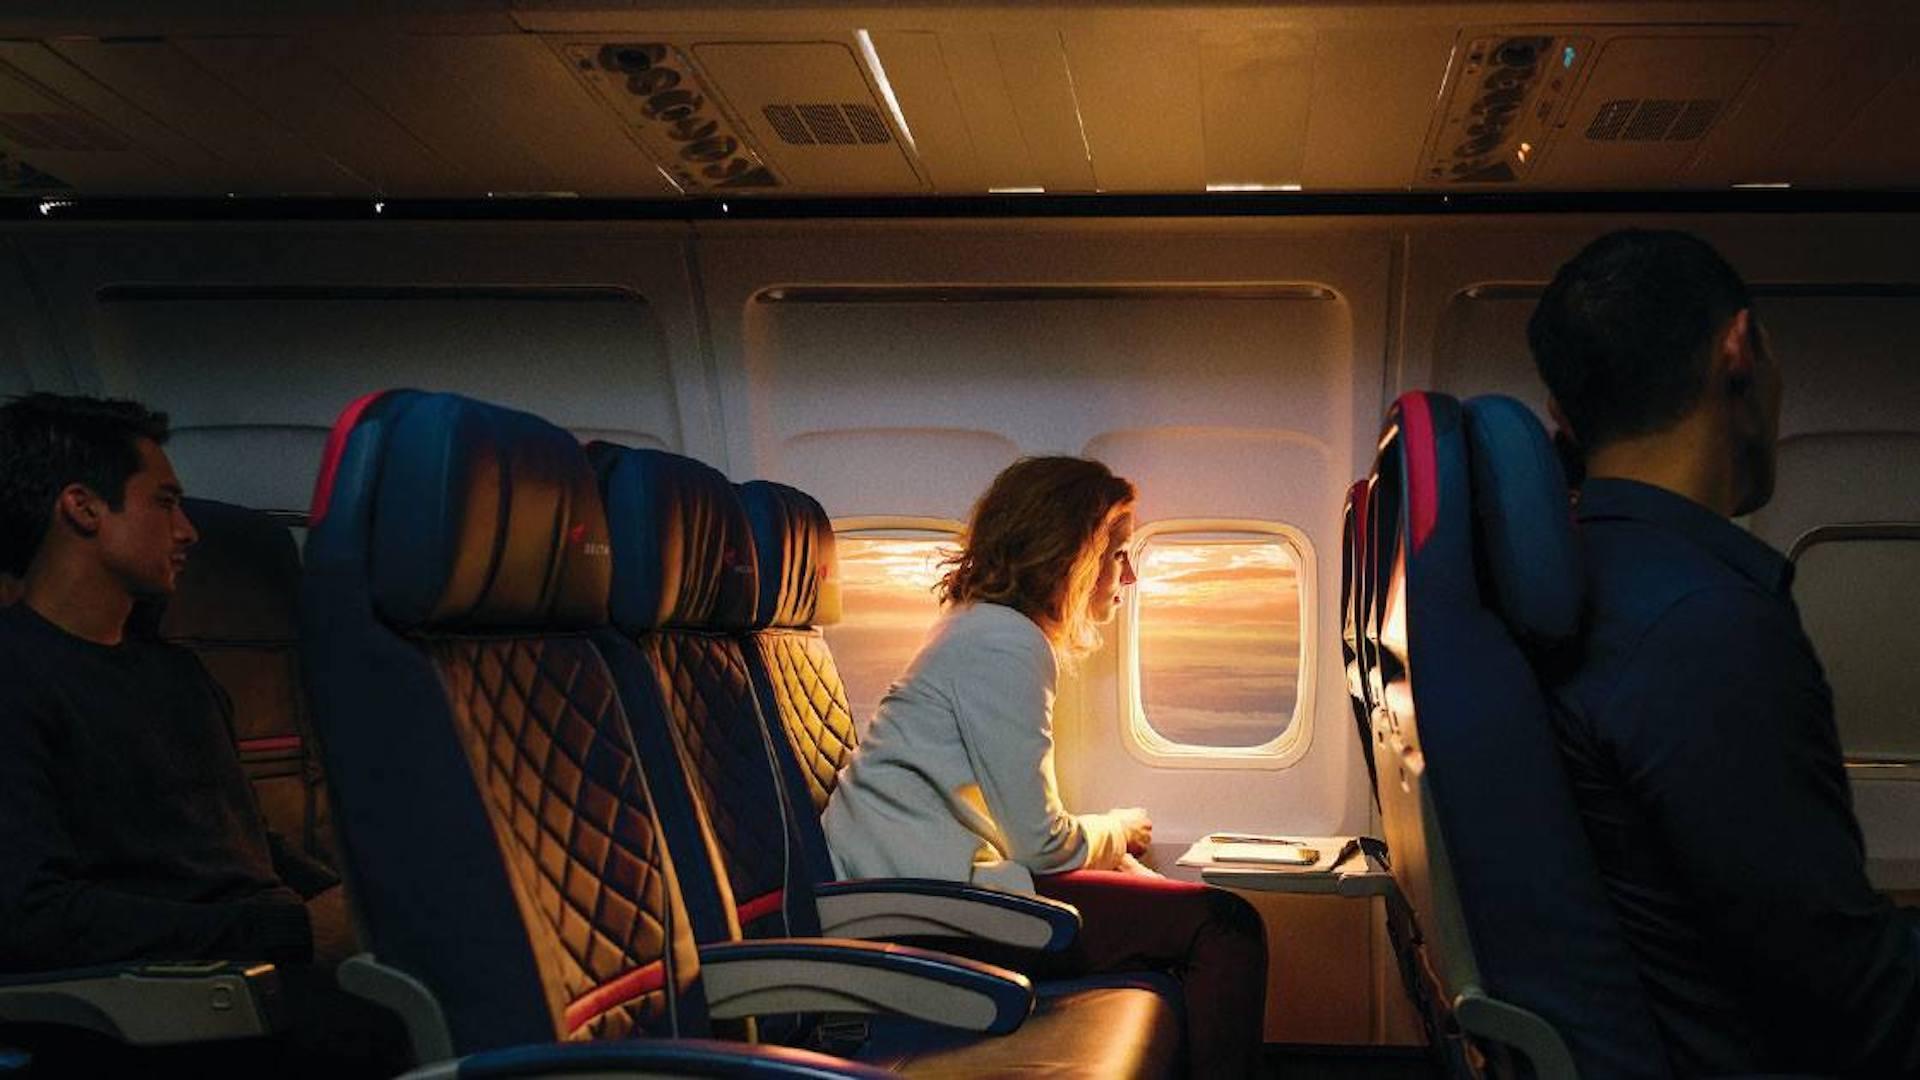 El error que debemos evitar al reservar un vuelo que nos puede costar muy caro